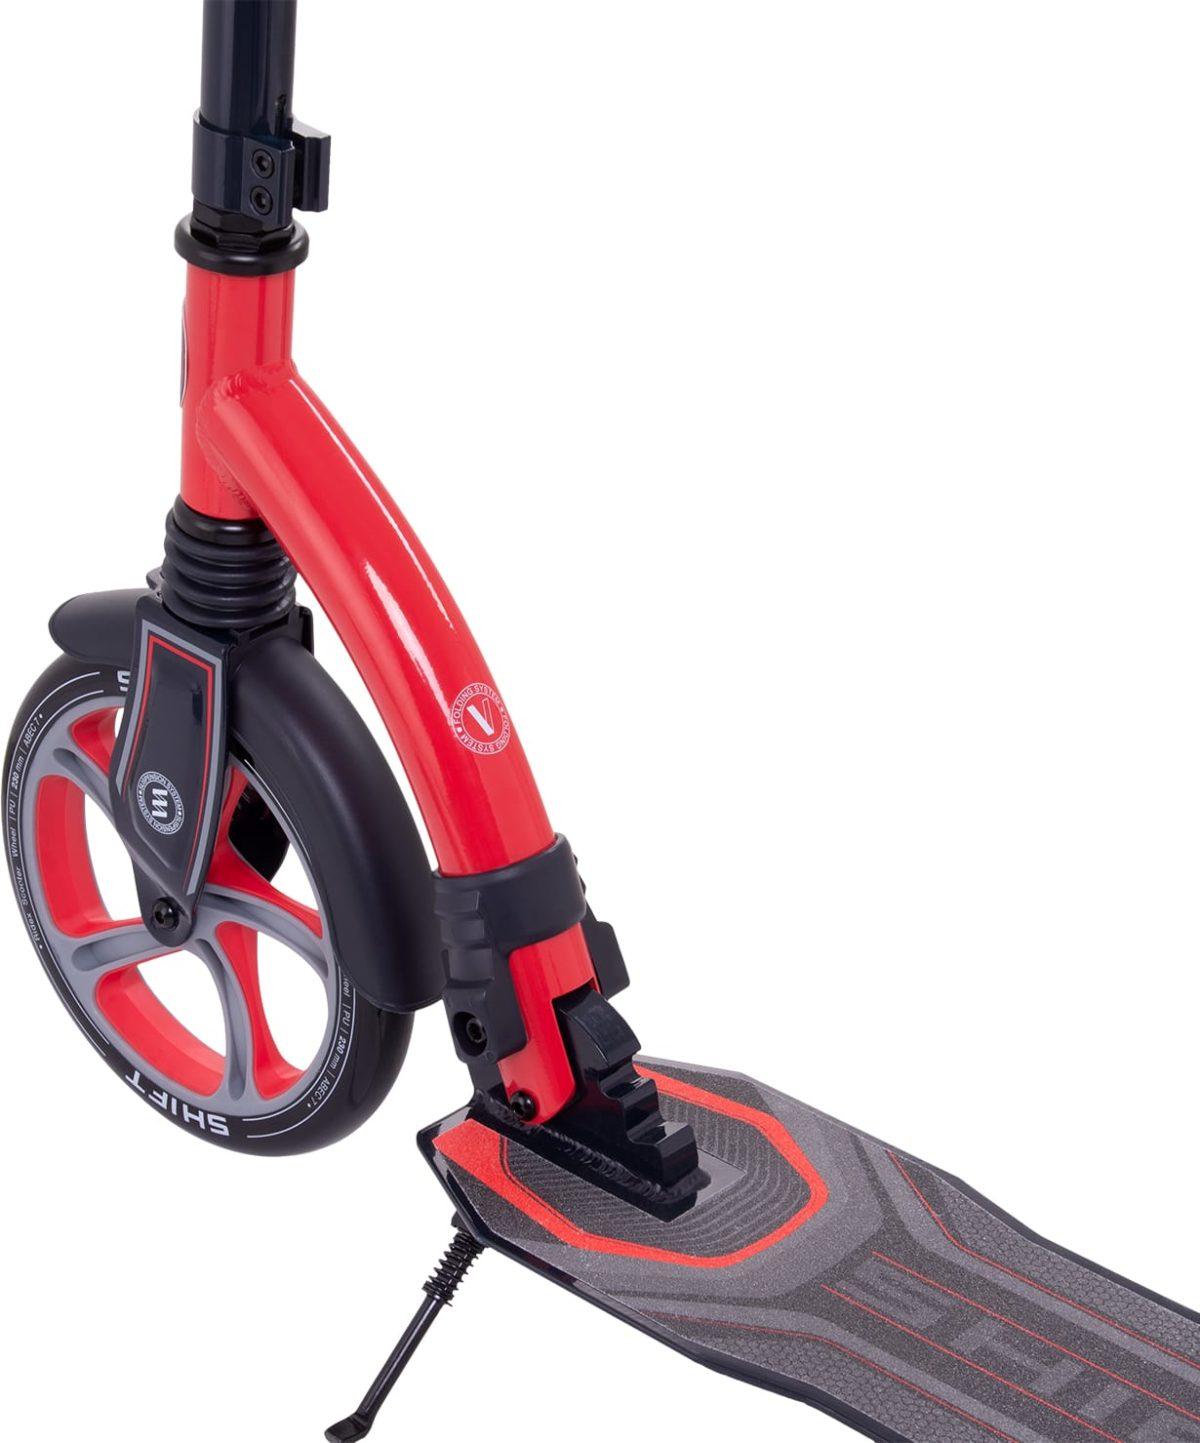 RIDEX Shift Самокат 2-колесный 230/200 мм  Shift: красный - 5